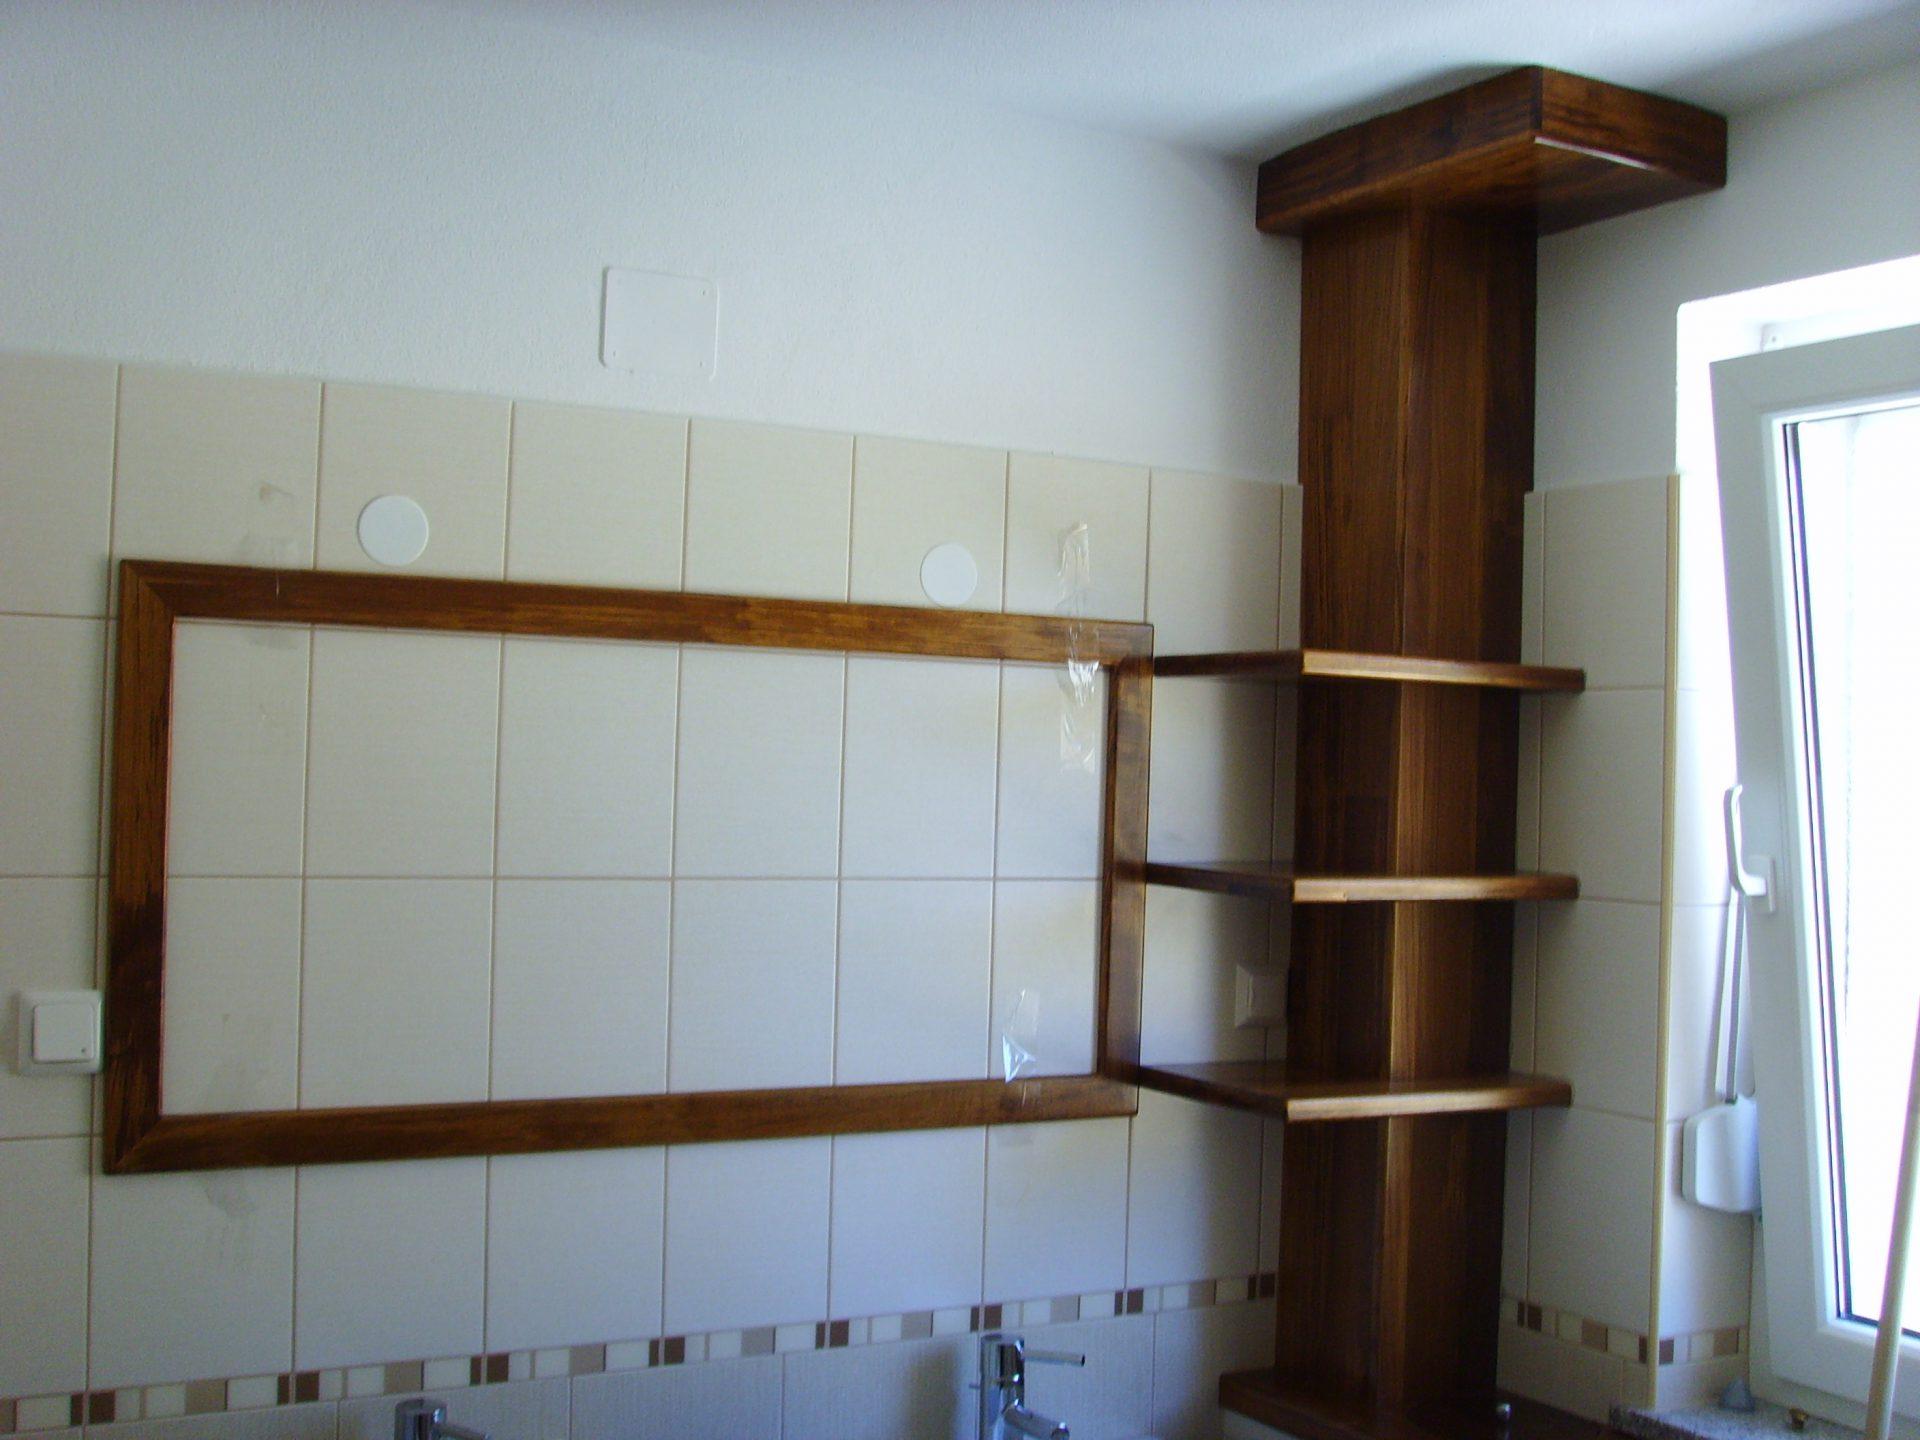 Polaganje ploščic v kopalnici 22